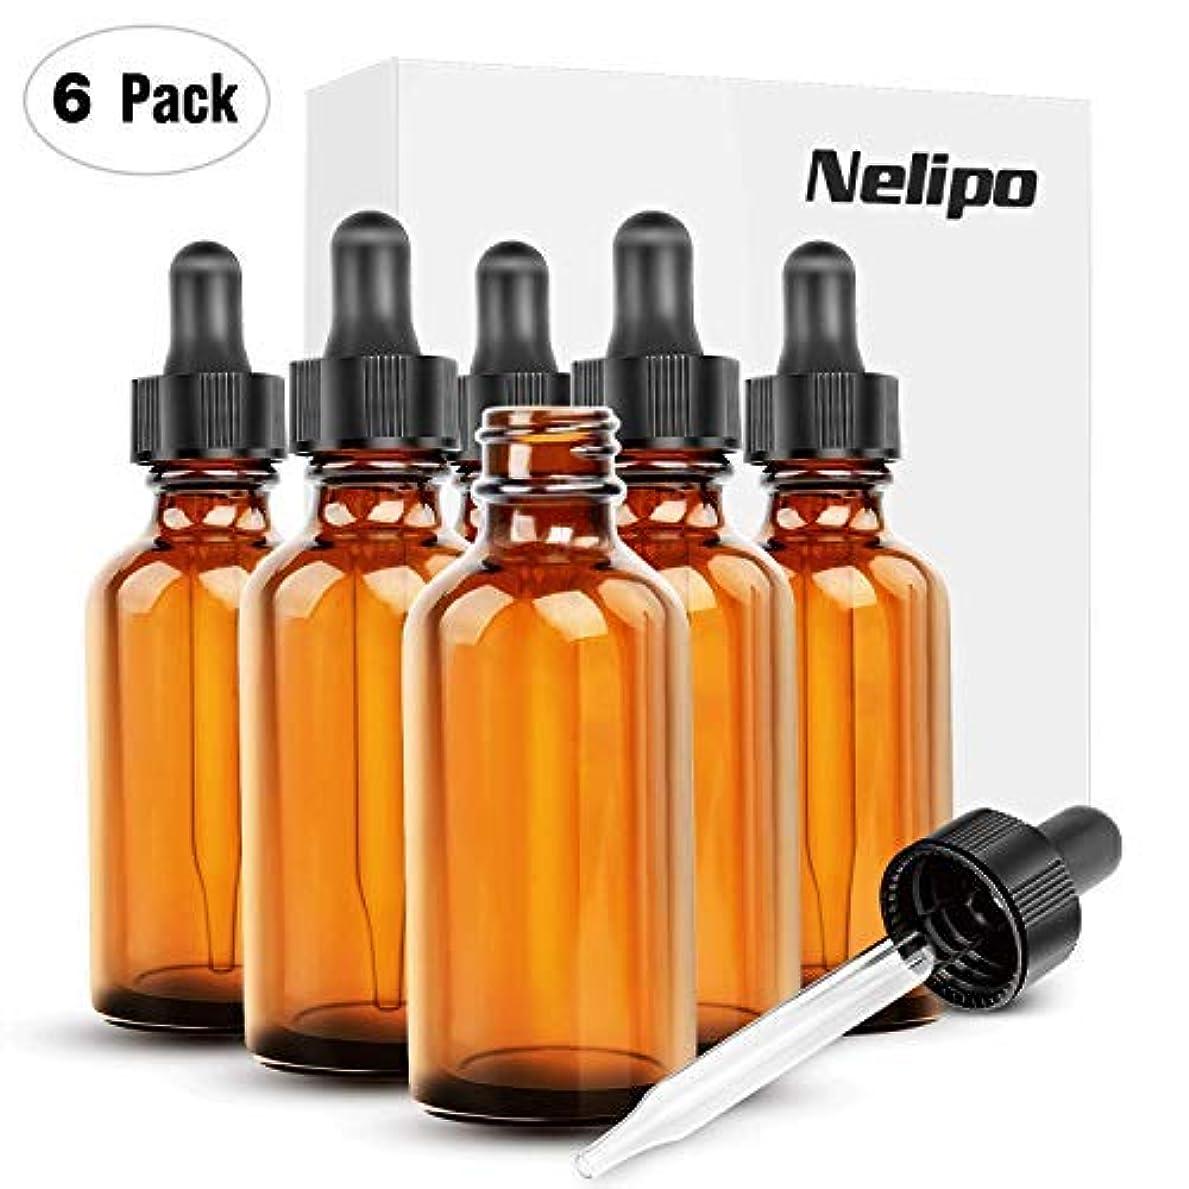 砲兵ファイター違うNelipo 2oz Amber Glass Bottles for Essential Oils with Glass Eye Dropper - Pack of 6 [並行輸入品]